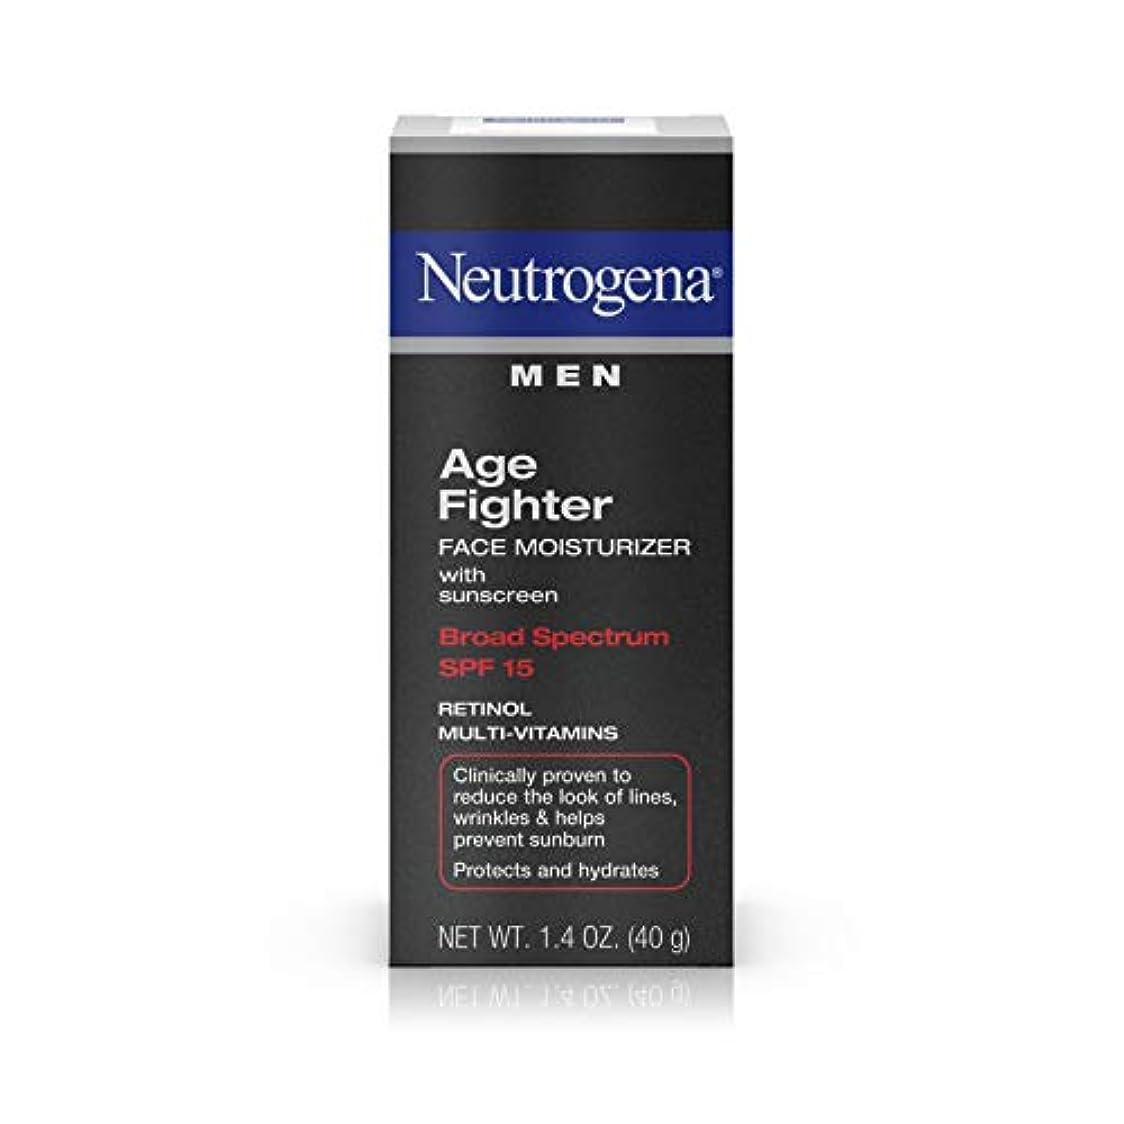 ヤングリーチ保険をかけるNeutrogena Men Age Fighter Face Moisturizer with sunscreen SPF 15 1.4oz.(40g) 男性用ニュートロジーナ メン エイジ ファイター フェイス モイスチャライザー